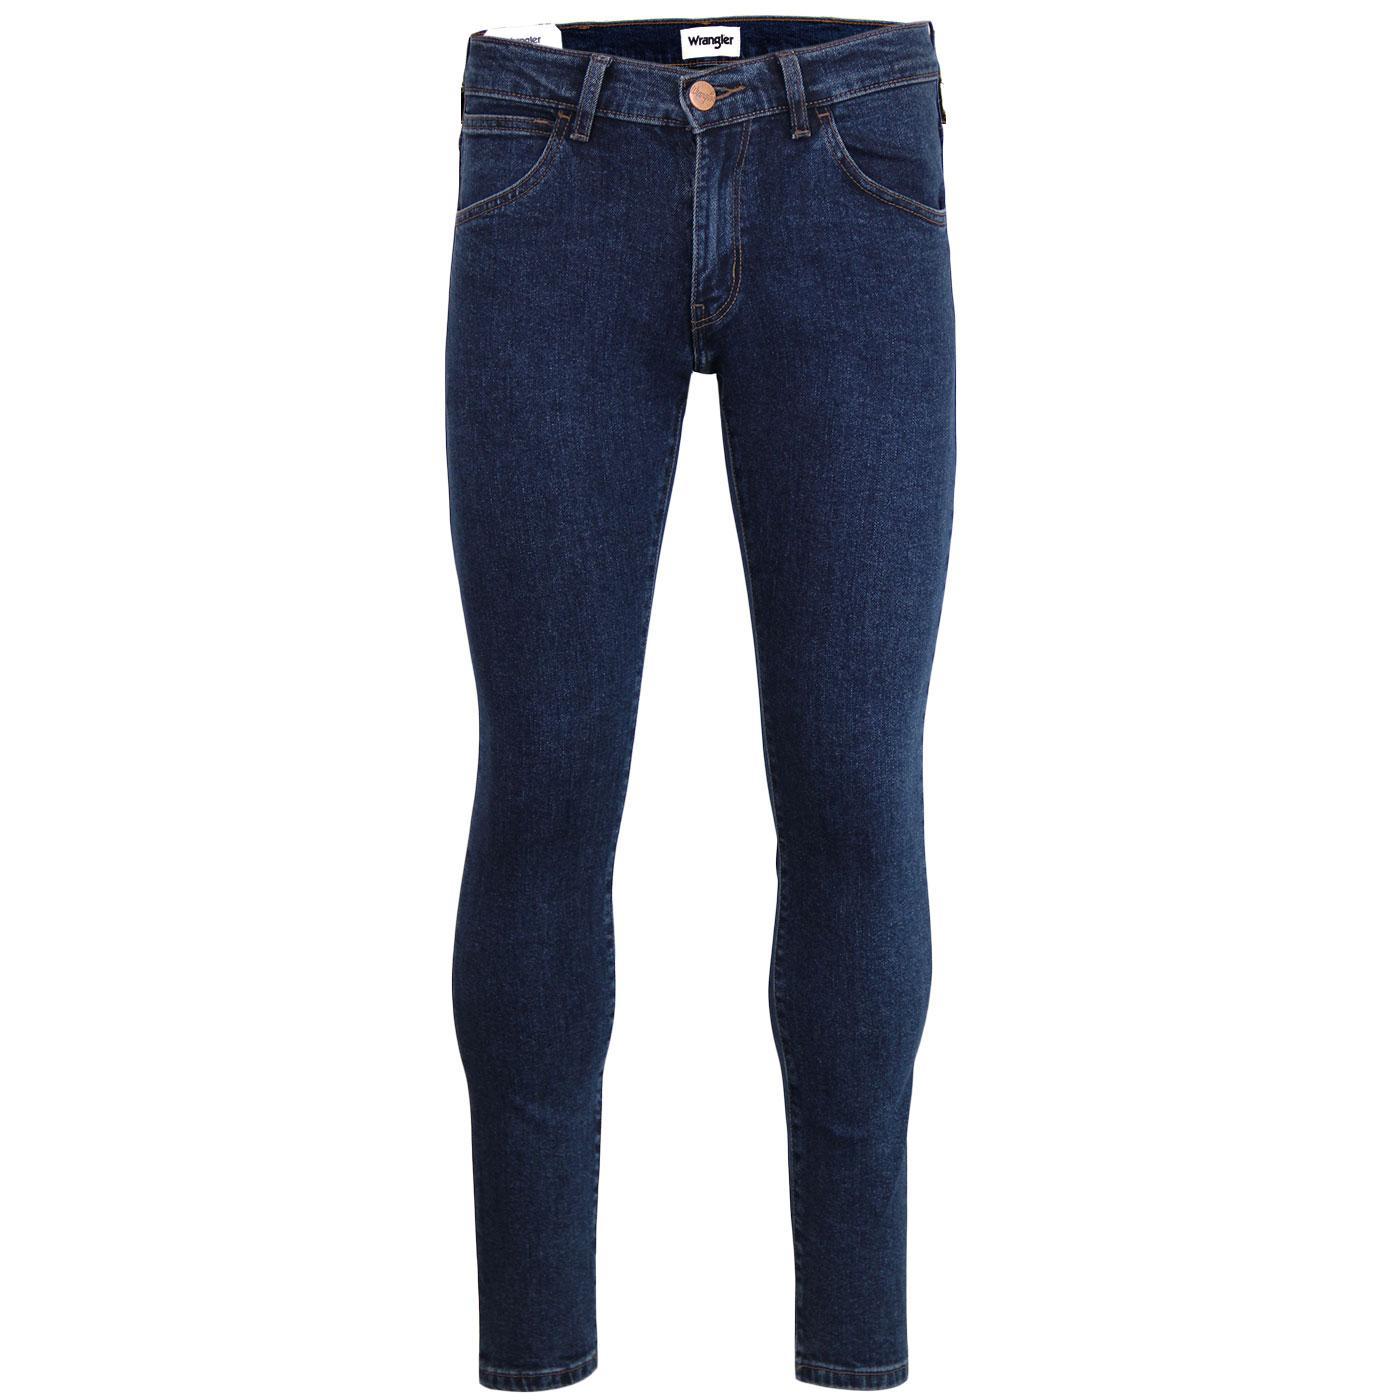 Bryson WRANGLER Retro Skinny Jeans (Flanker Blue)